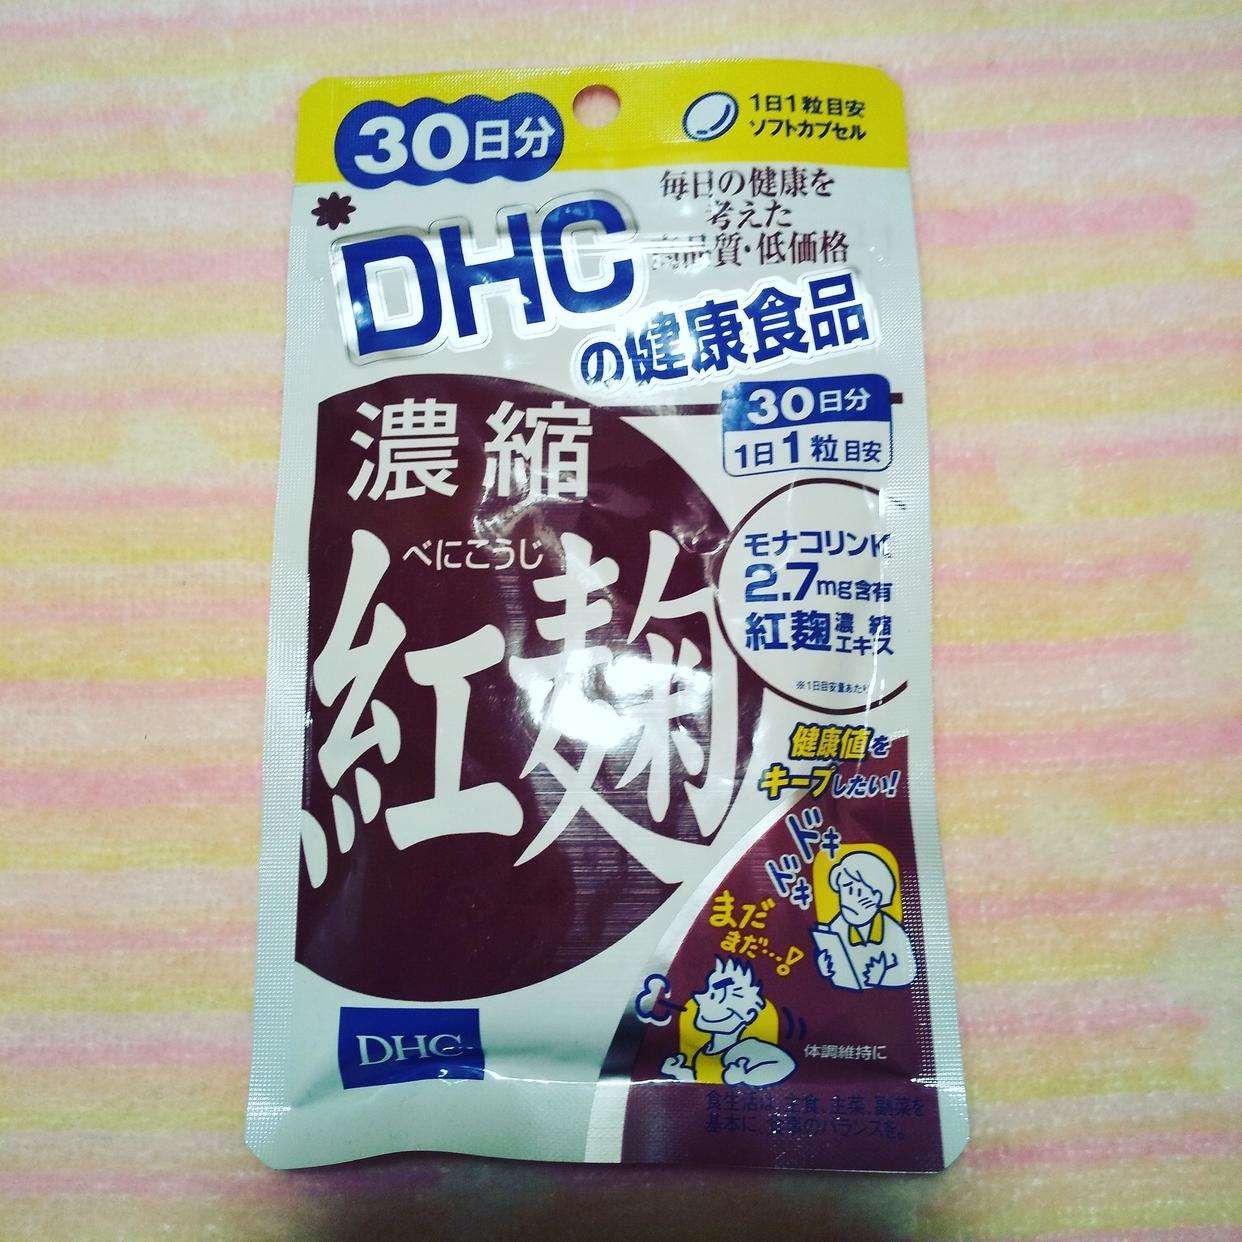 DHC(ディーエイチシー) 濃縮紅麹の良い点・メリットに関するカサブランカさんの口コミ画像1